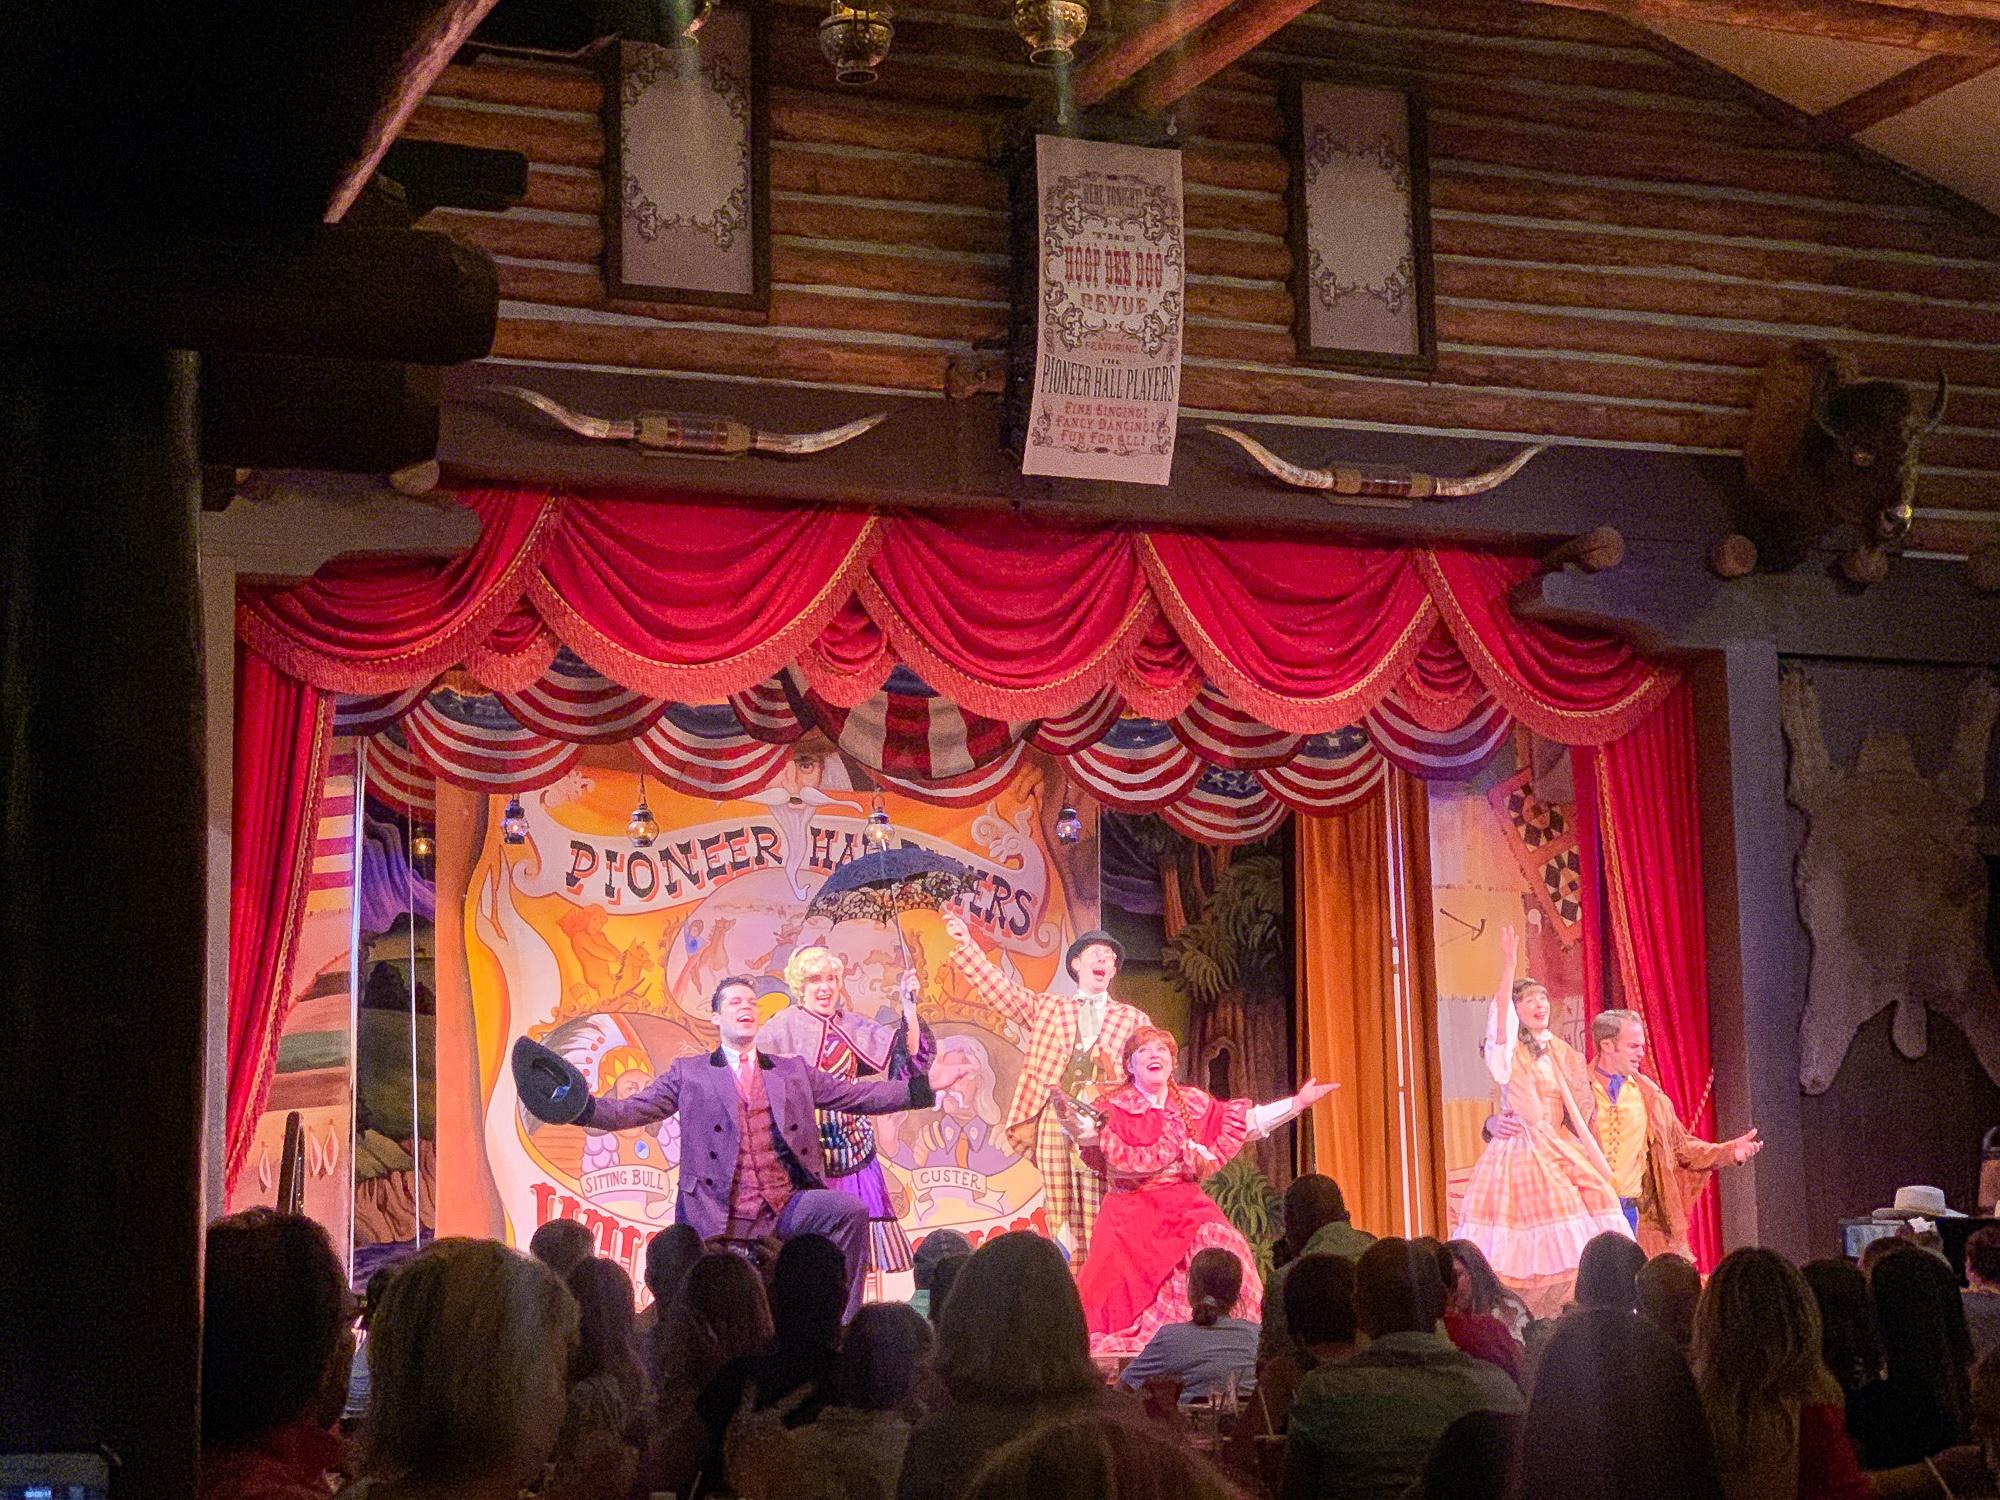 Hoop-Dee-Doo Musical Revue at Disney's Fort Wilderness Resort